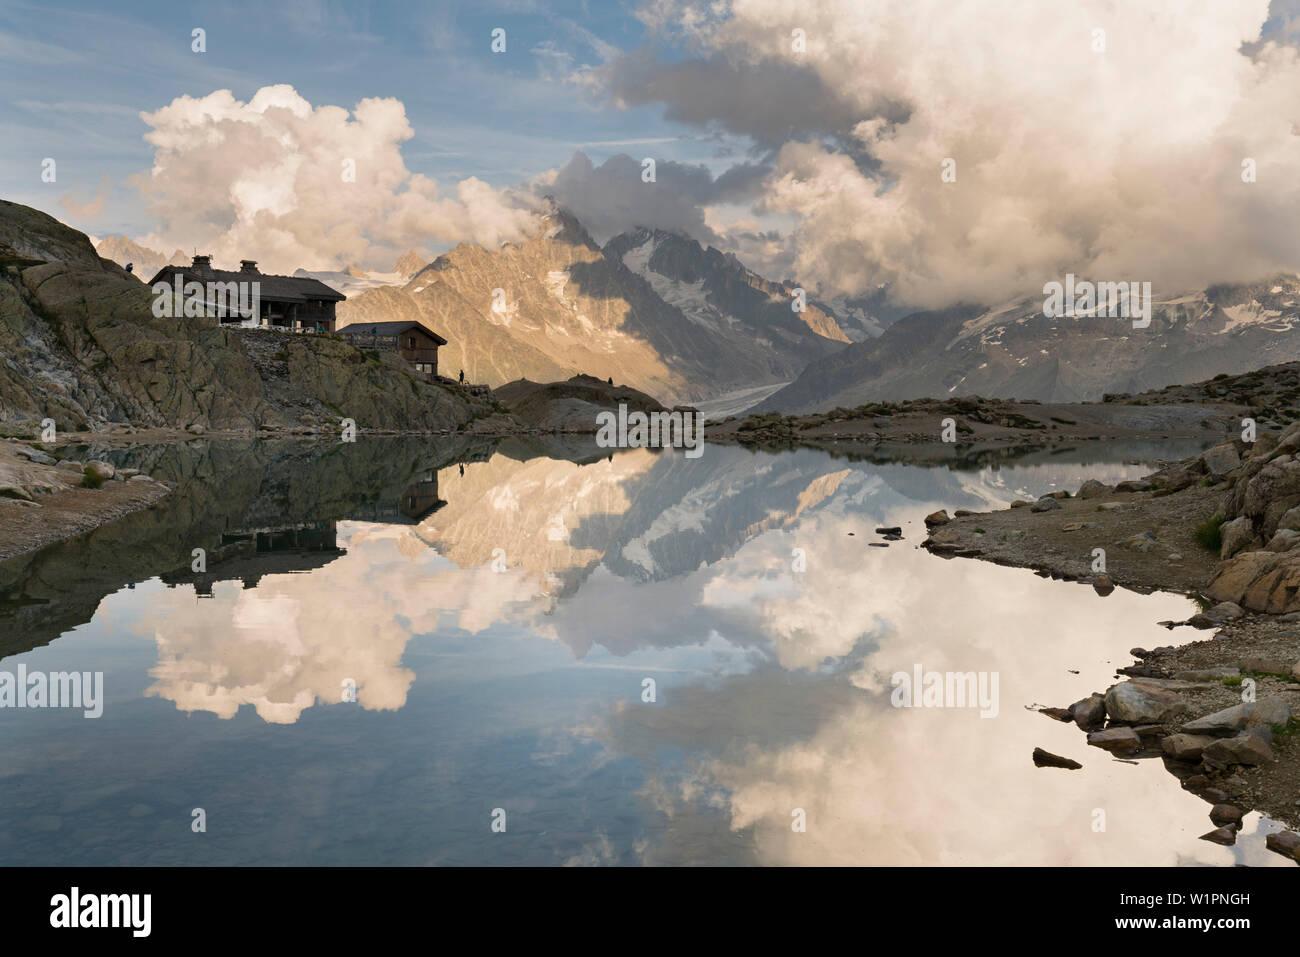 Lac Blanc, Aiguille du Chardonnet, Haute-Savoie, France - Stock Image